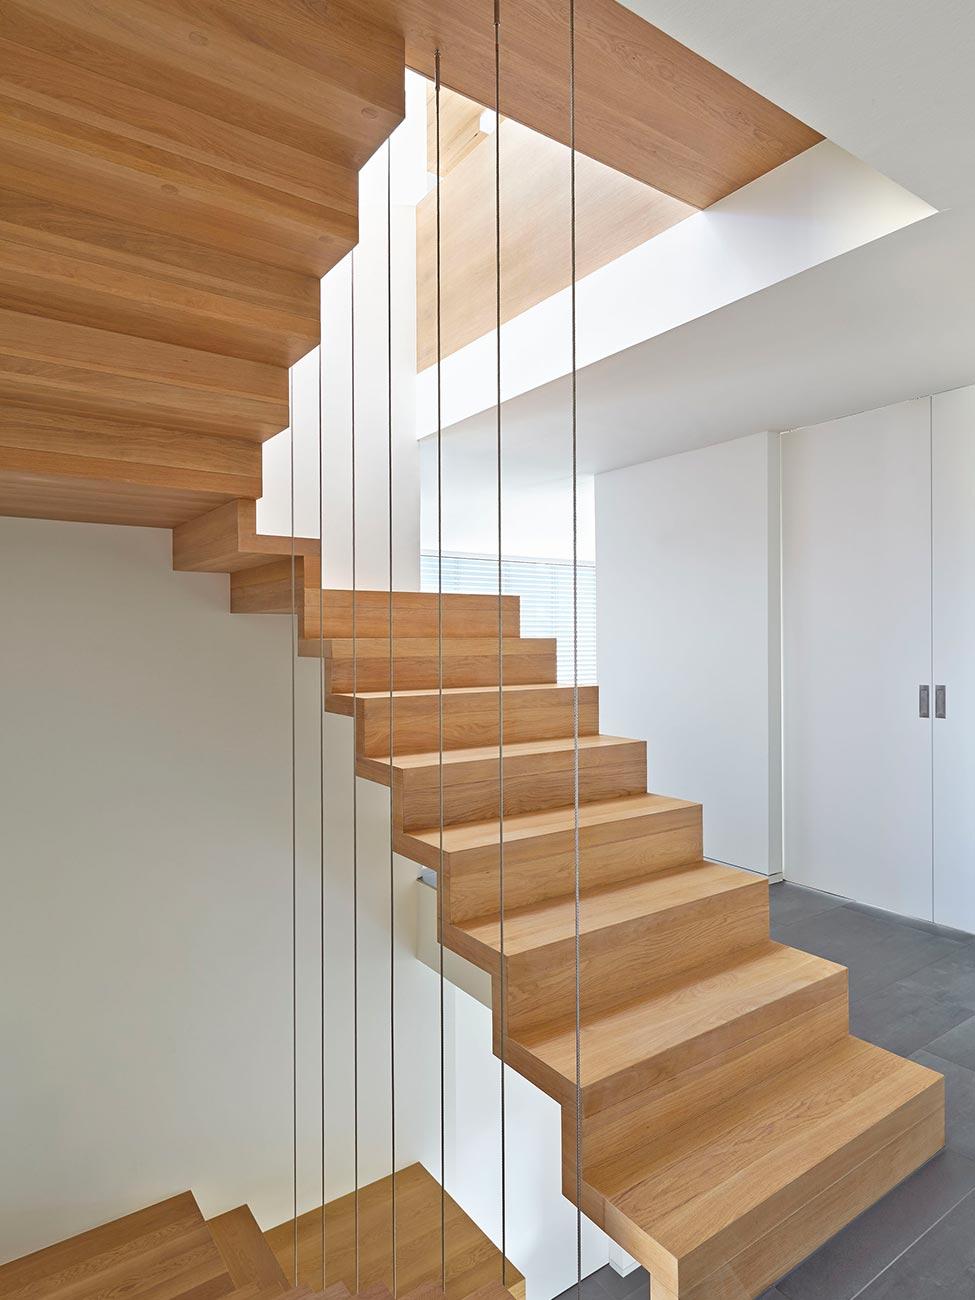 Diese Exklusive Faltwerktreppe Besticht Mit Einem Modernen, Reduzierten  Design Und Wurde Zur Treppe Des Jahres 2016 In Der Kategorie Geradlinigkeit  ...